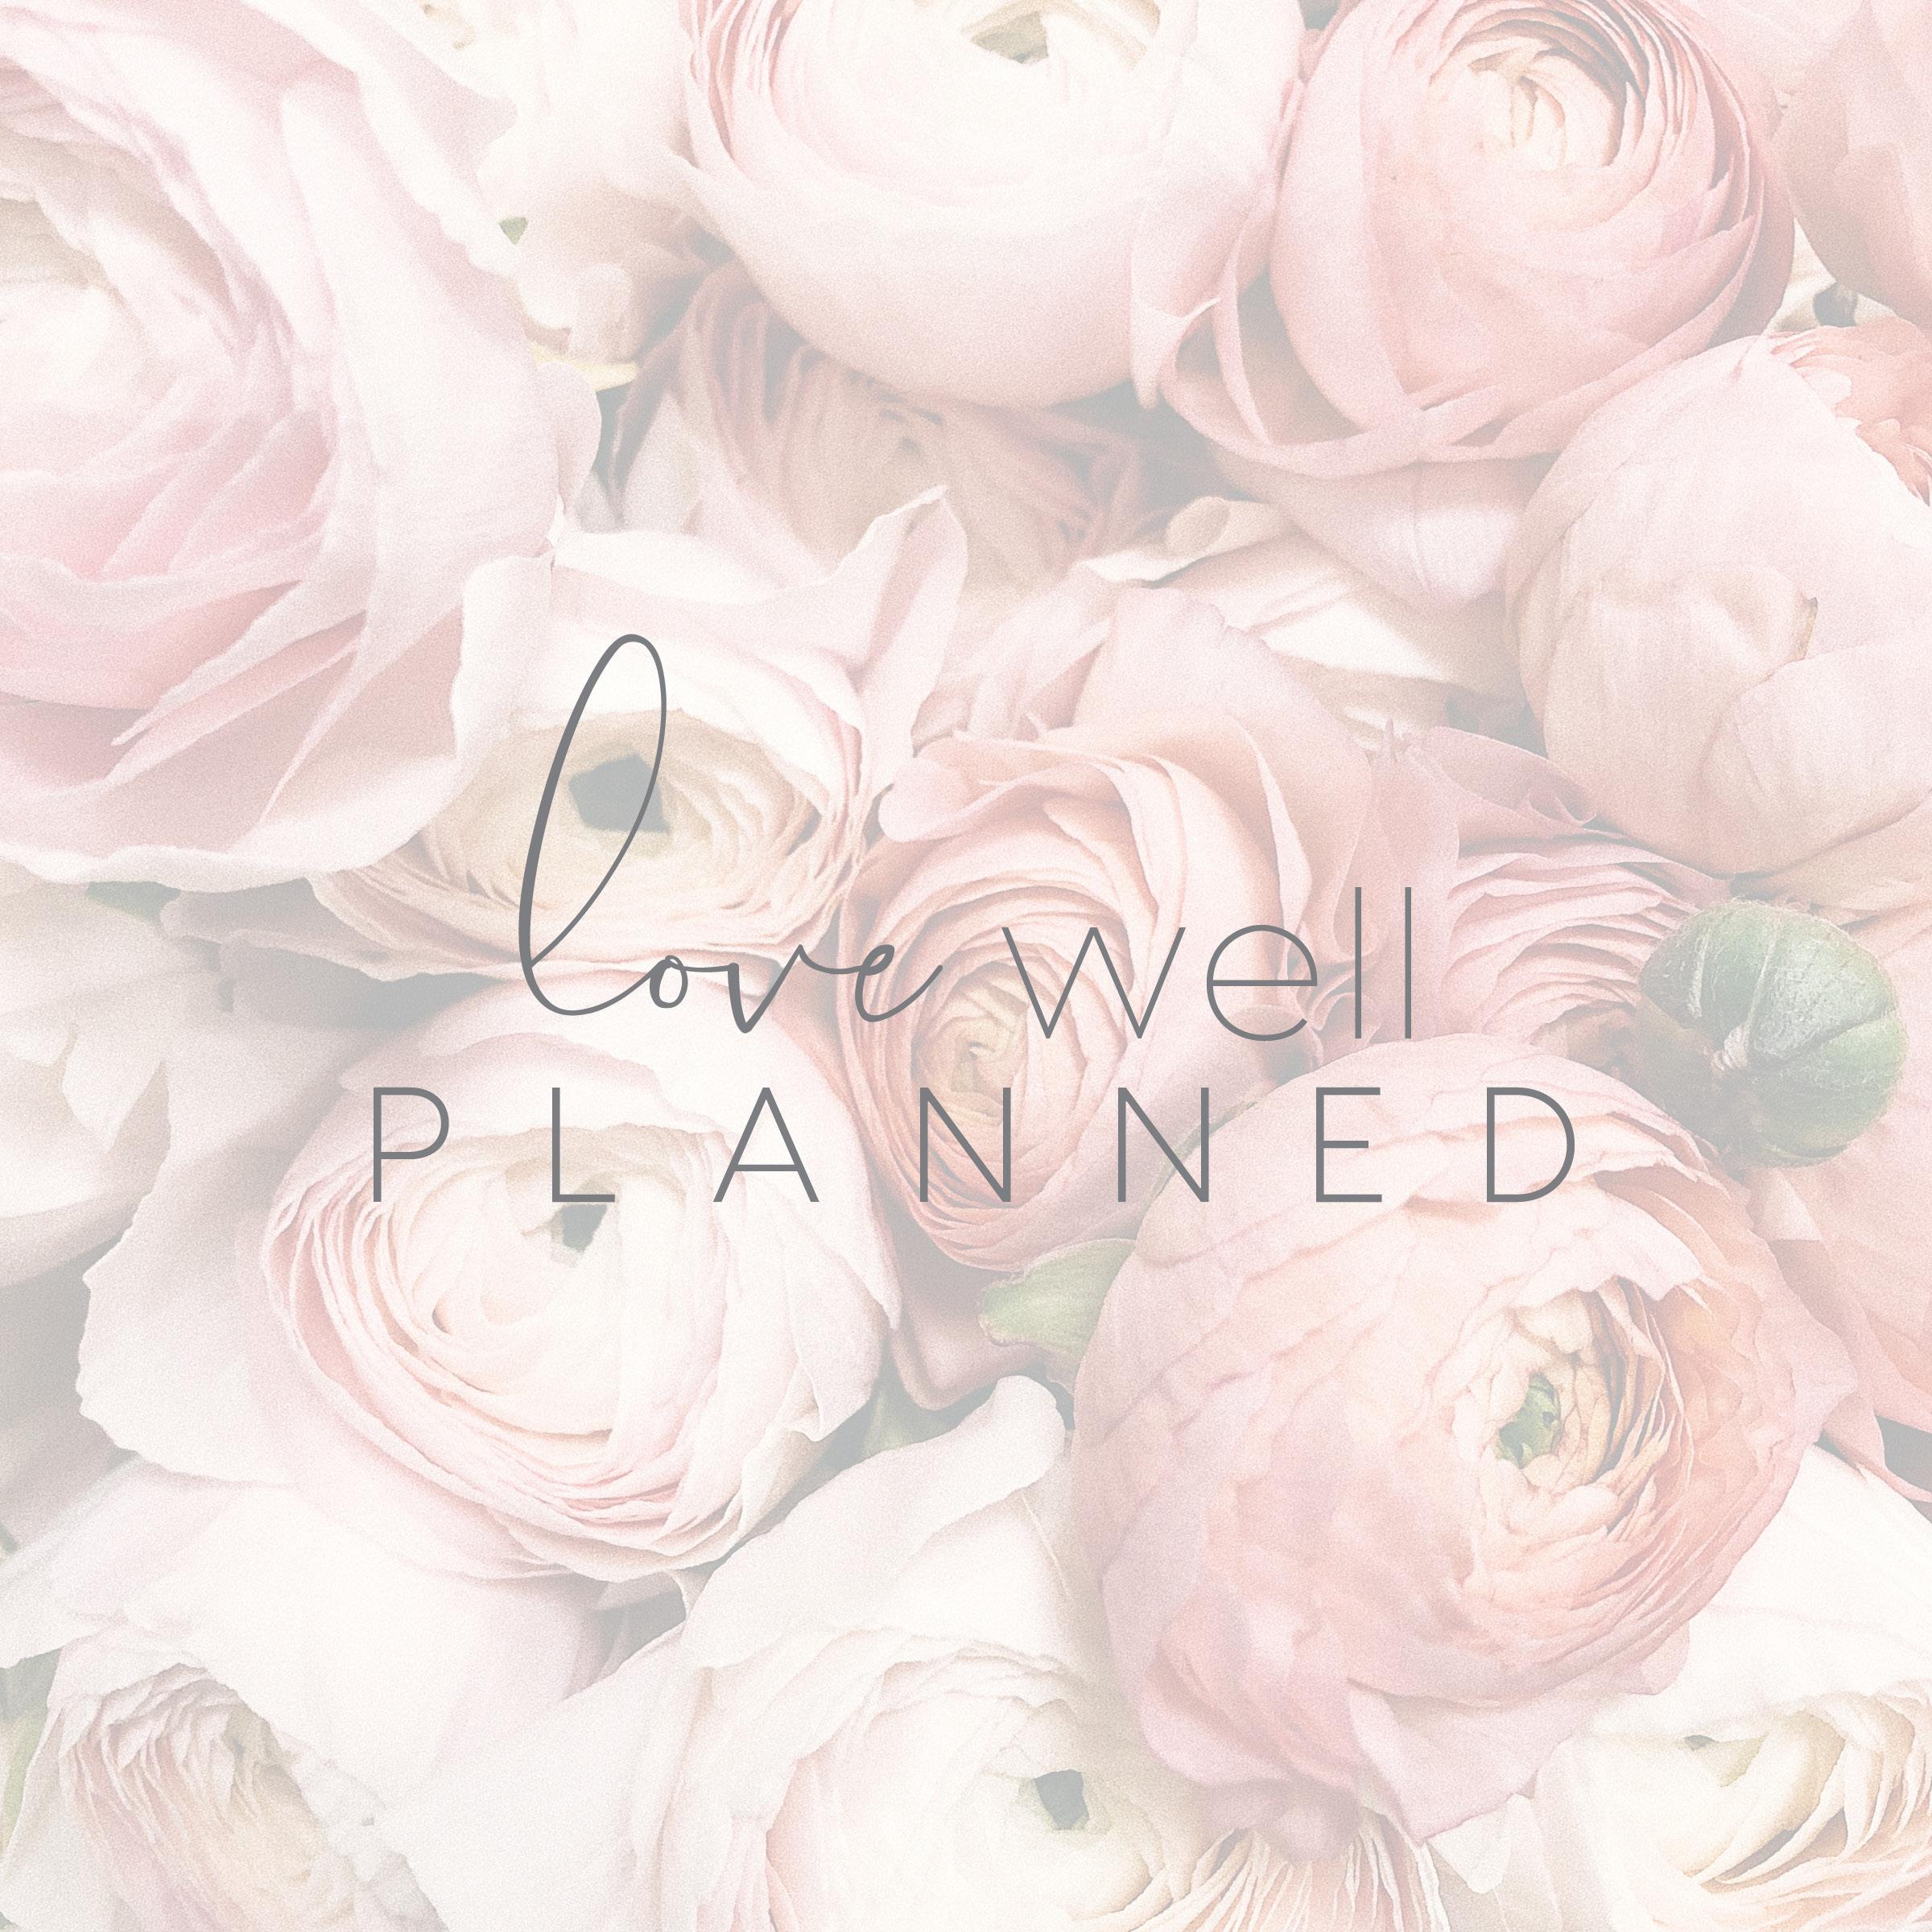 LWP on Flowers.jpg